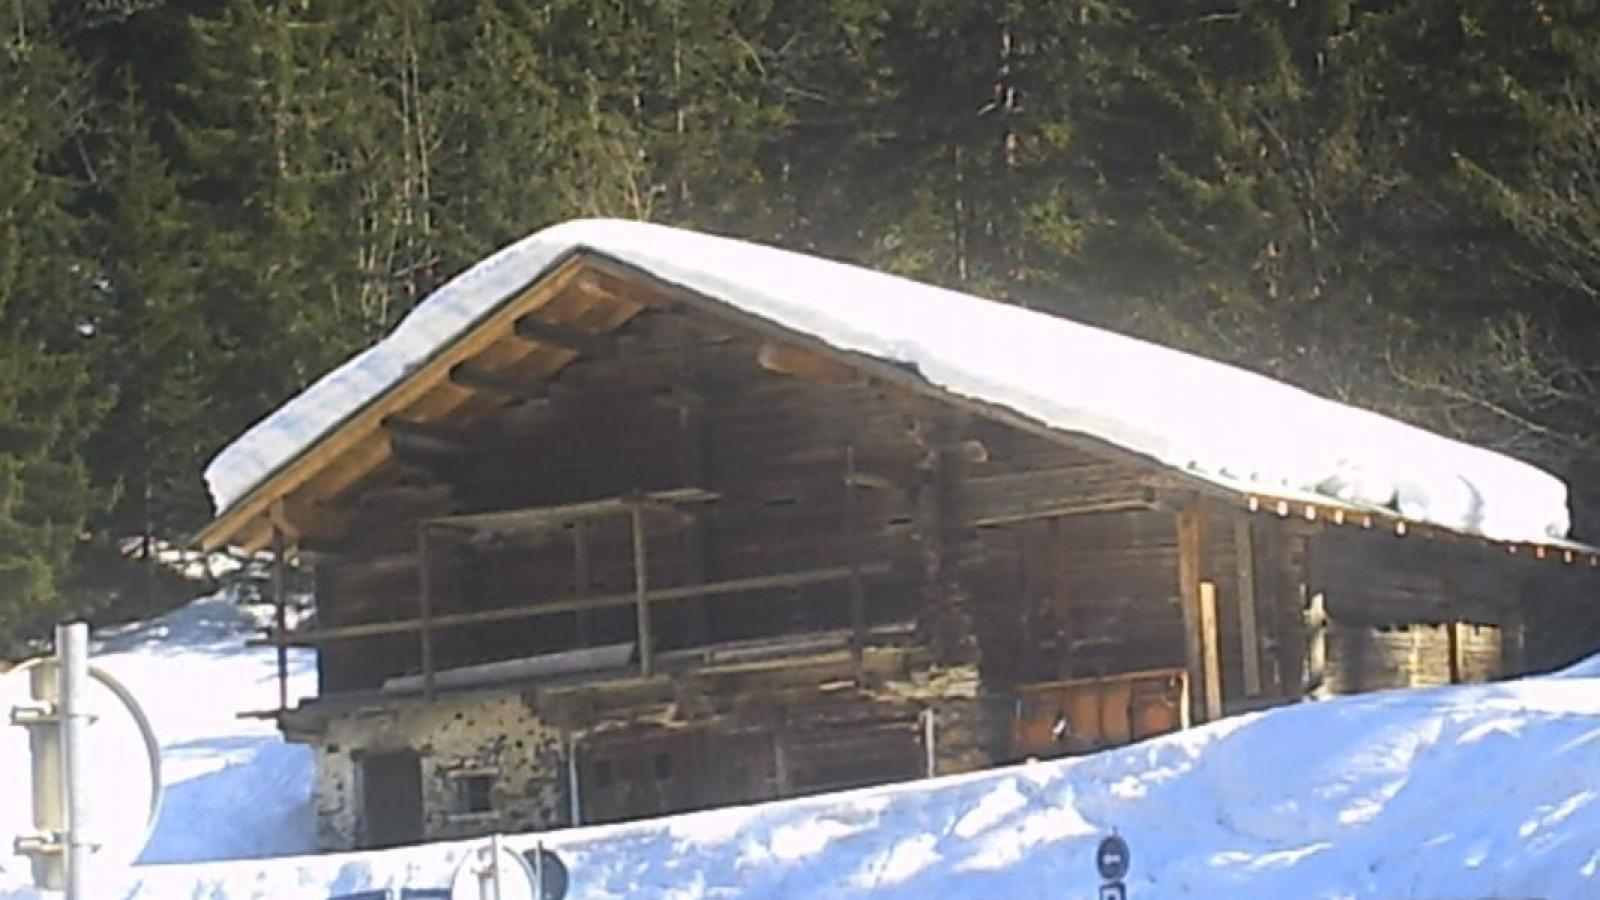 En Hiver, à moins de 40 minutes vous avez accés aux plus grandes stations de ski.